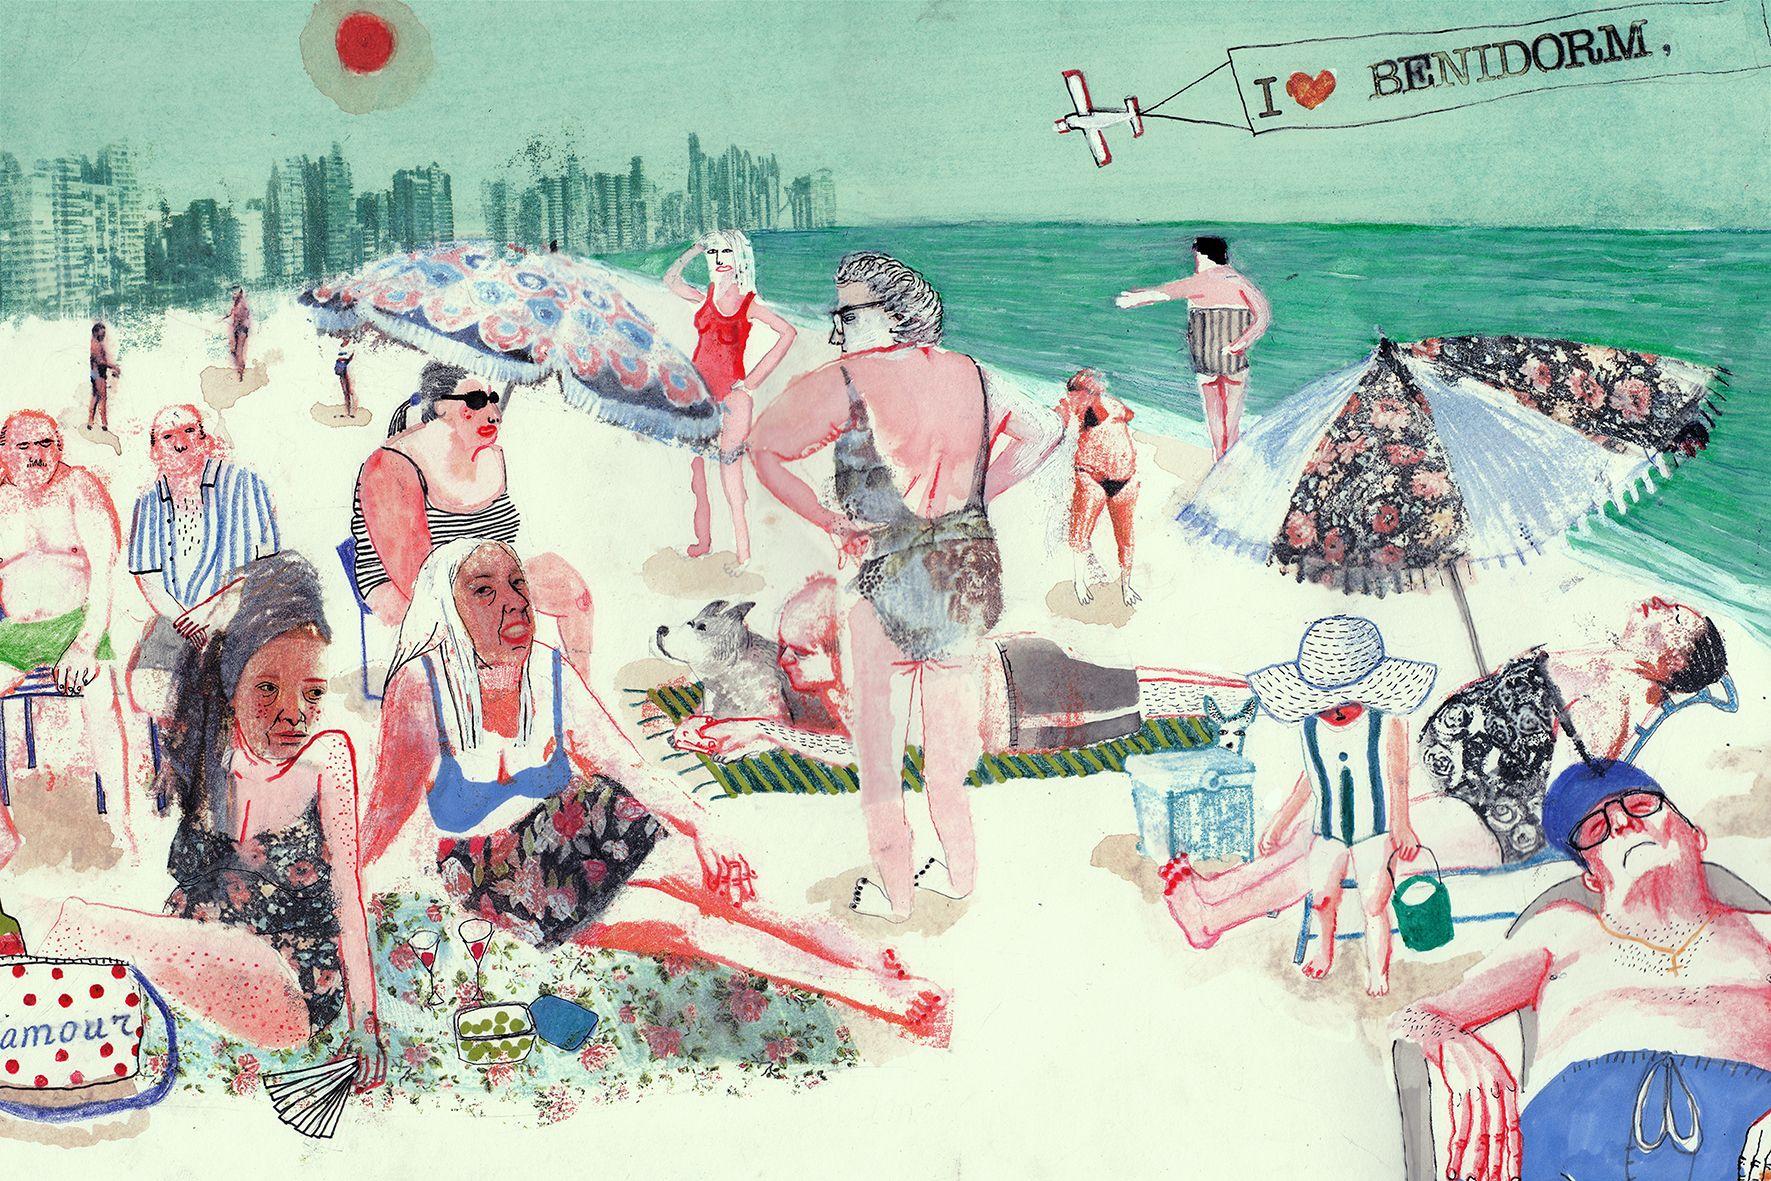 Ana Penyas -Mis vecinos- Serie de ilustraciones que reflexionan sobre diferentes aspectos de la sociedad española como el tejido social en los barrios, la juventud precaria, el turismo mainstream, etc.